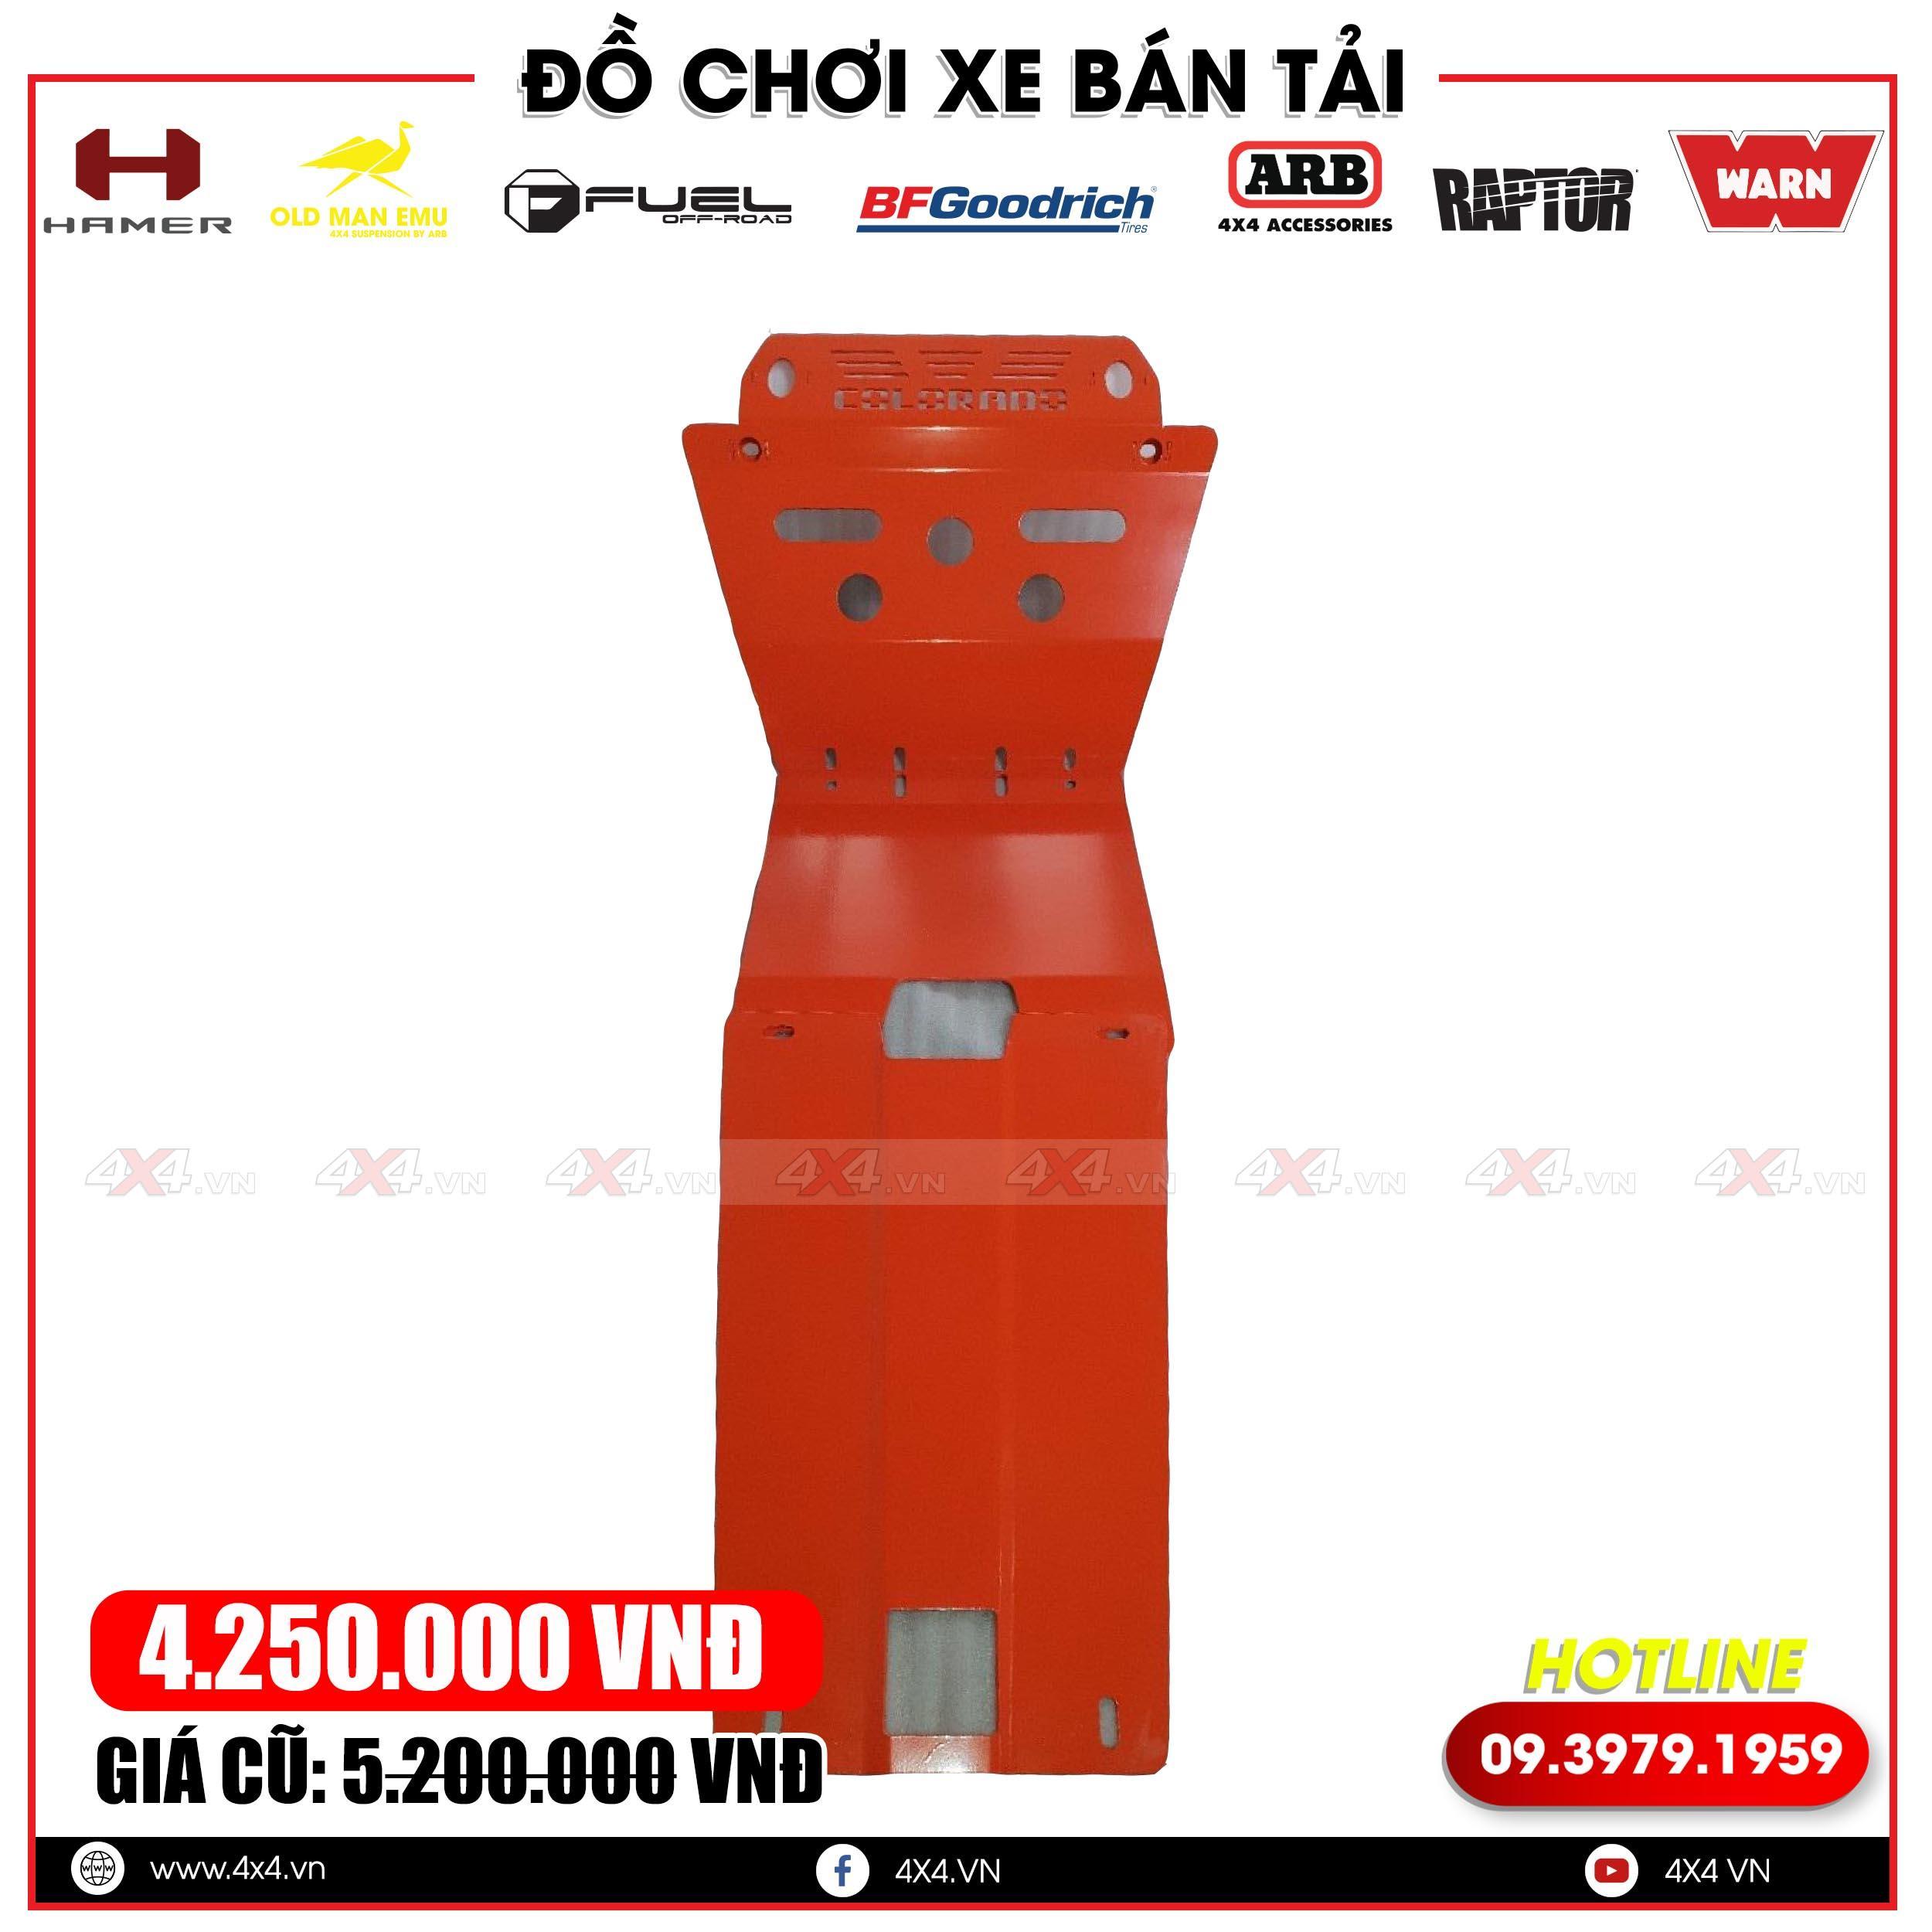 Giáp gầm xe bán tải là trang bị thiết yếu giúp bảo vệ gầm xe và độ đẹp đẳng cấp